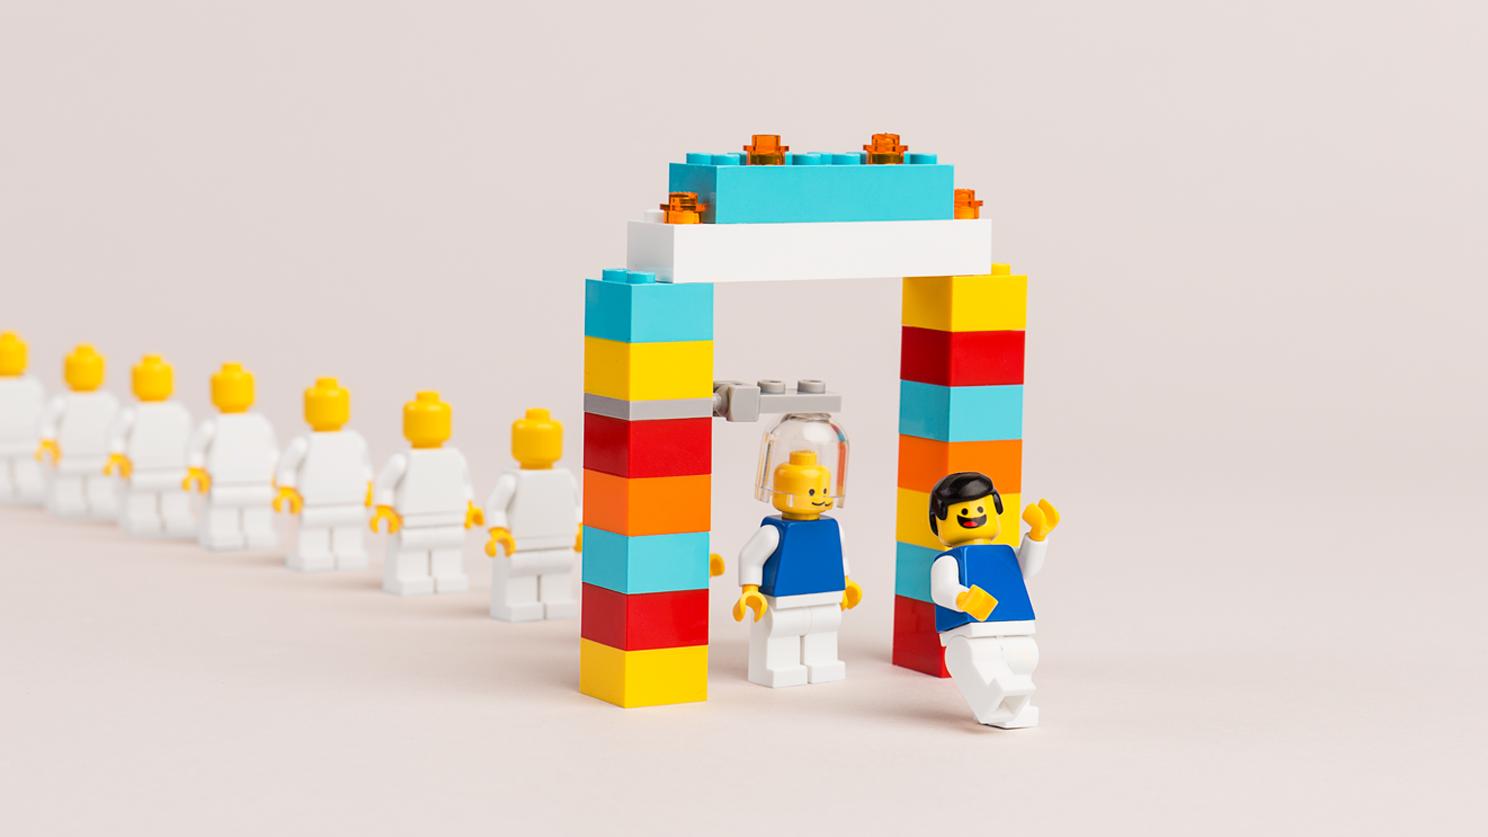 Lego facilitator at Microsoft